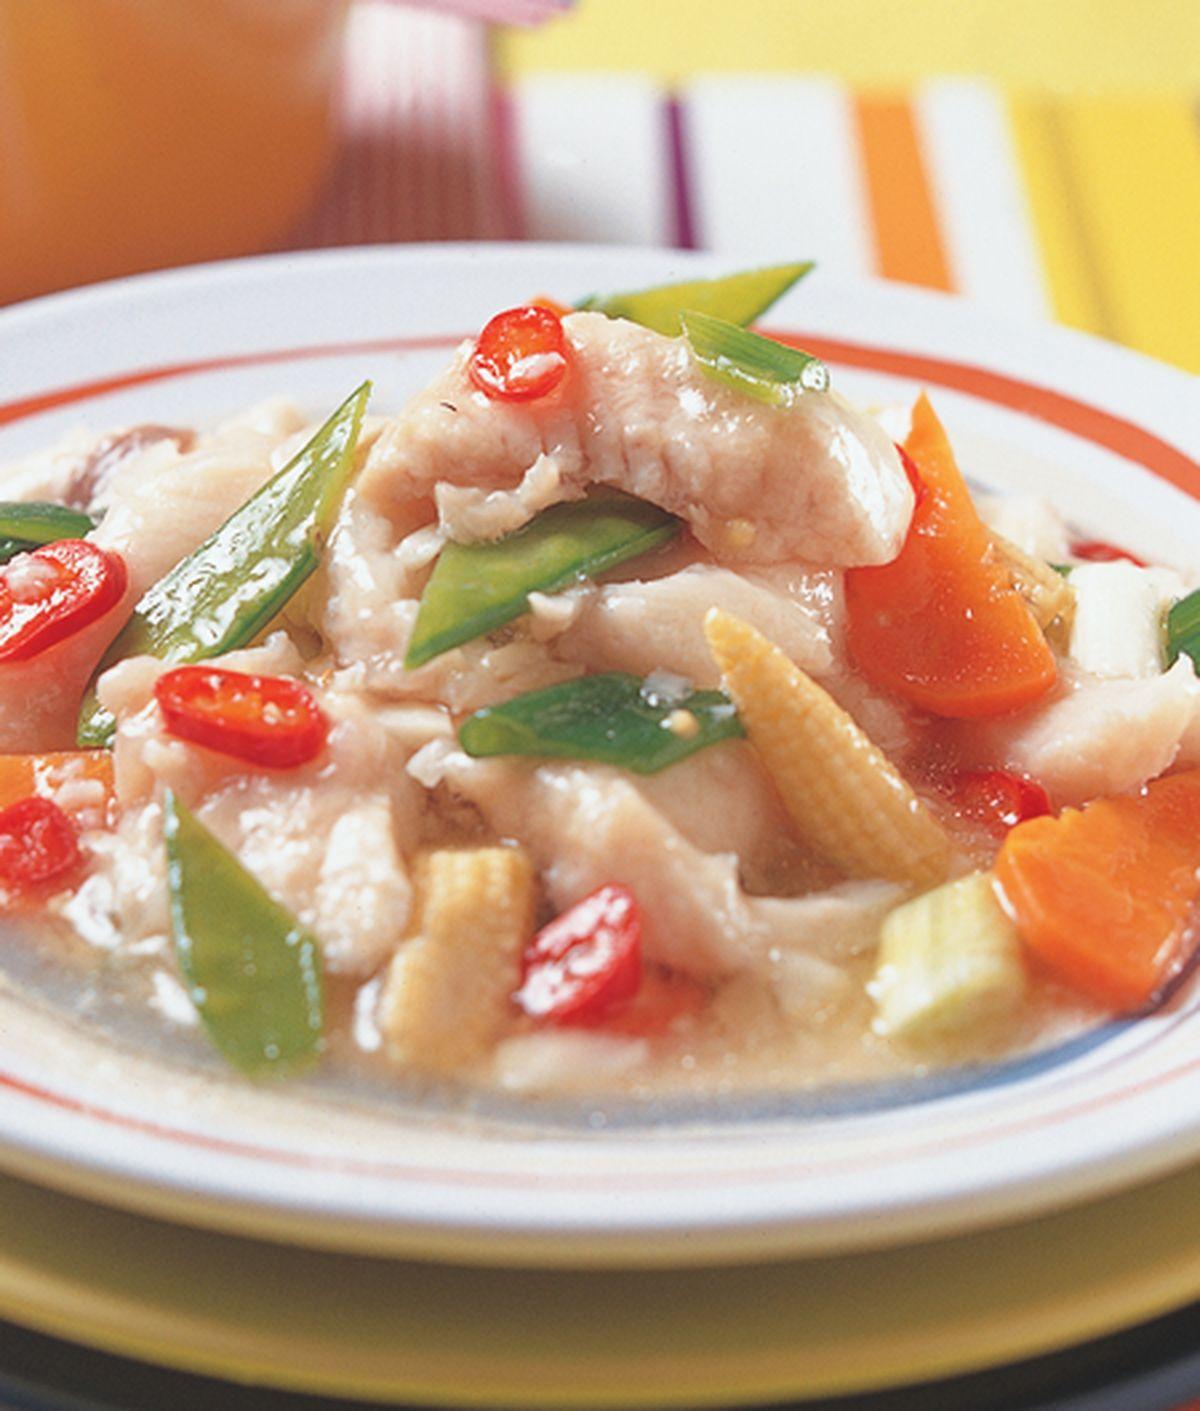 食譜:清炒魚片